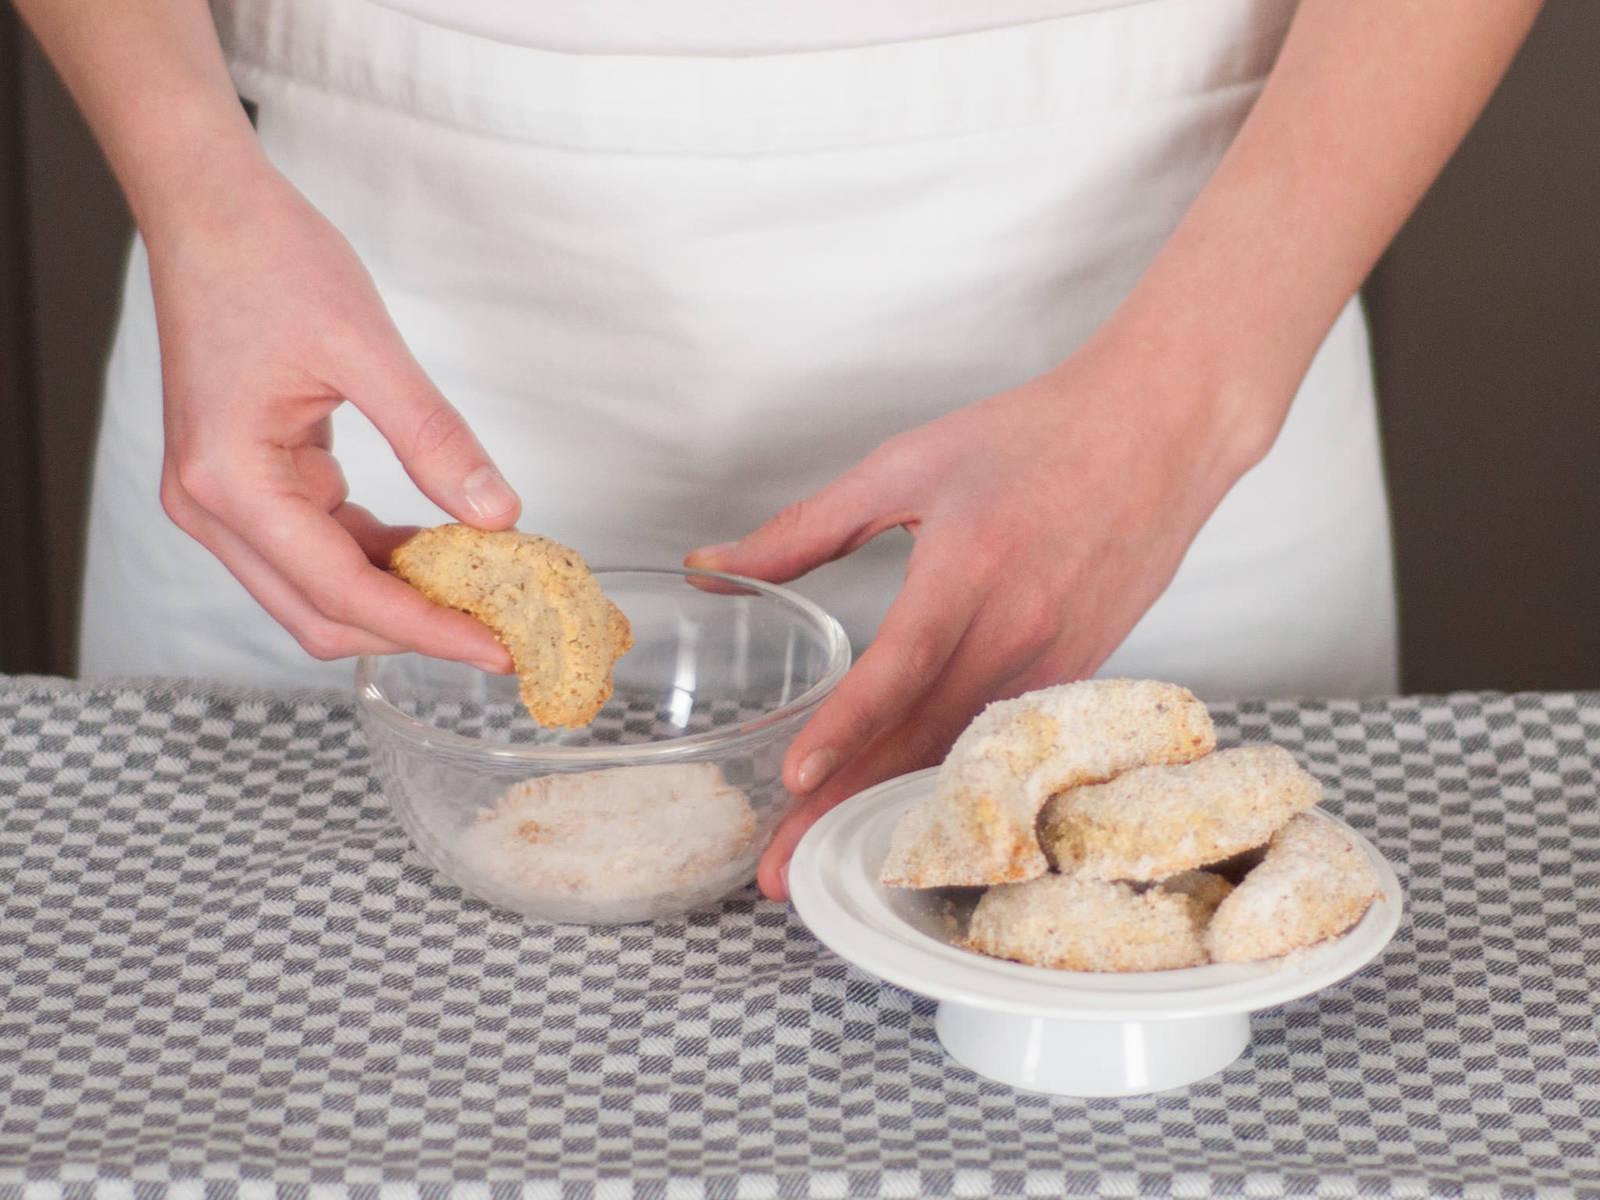 Kipferl vorsichtig in Vanillezucker wenden, während sie noch warm sind. Guten Appetit!